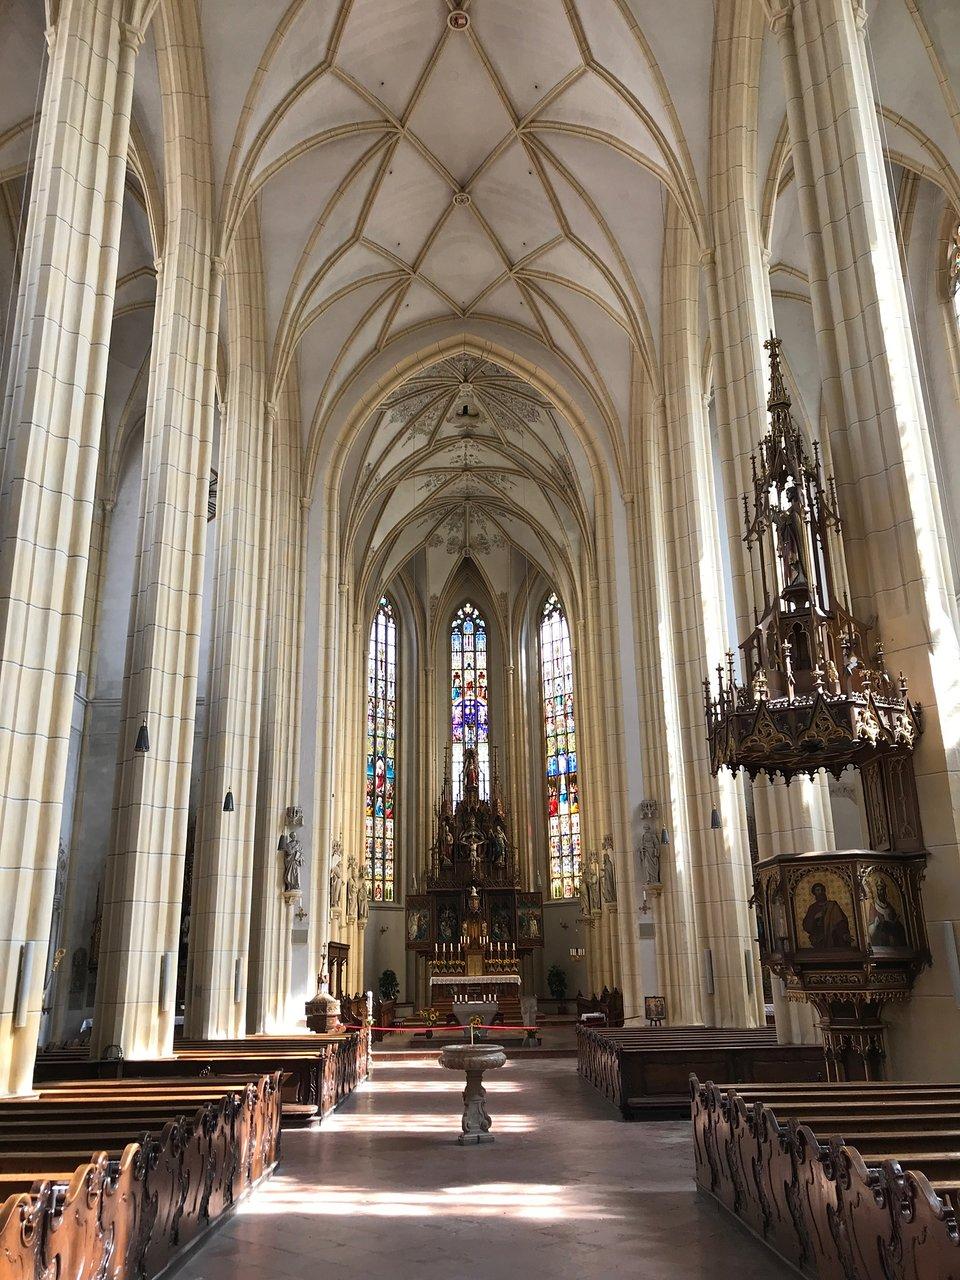 Wasserburg Am Inn Germania katholische stadtpfarrkirche st. jakob (wasserburg am inn